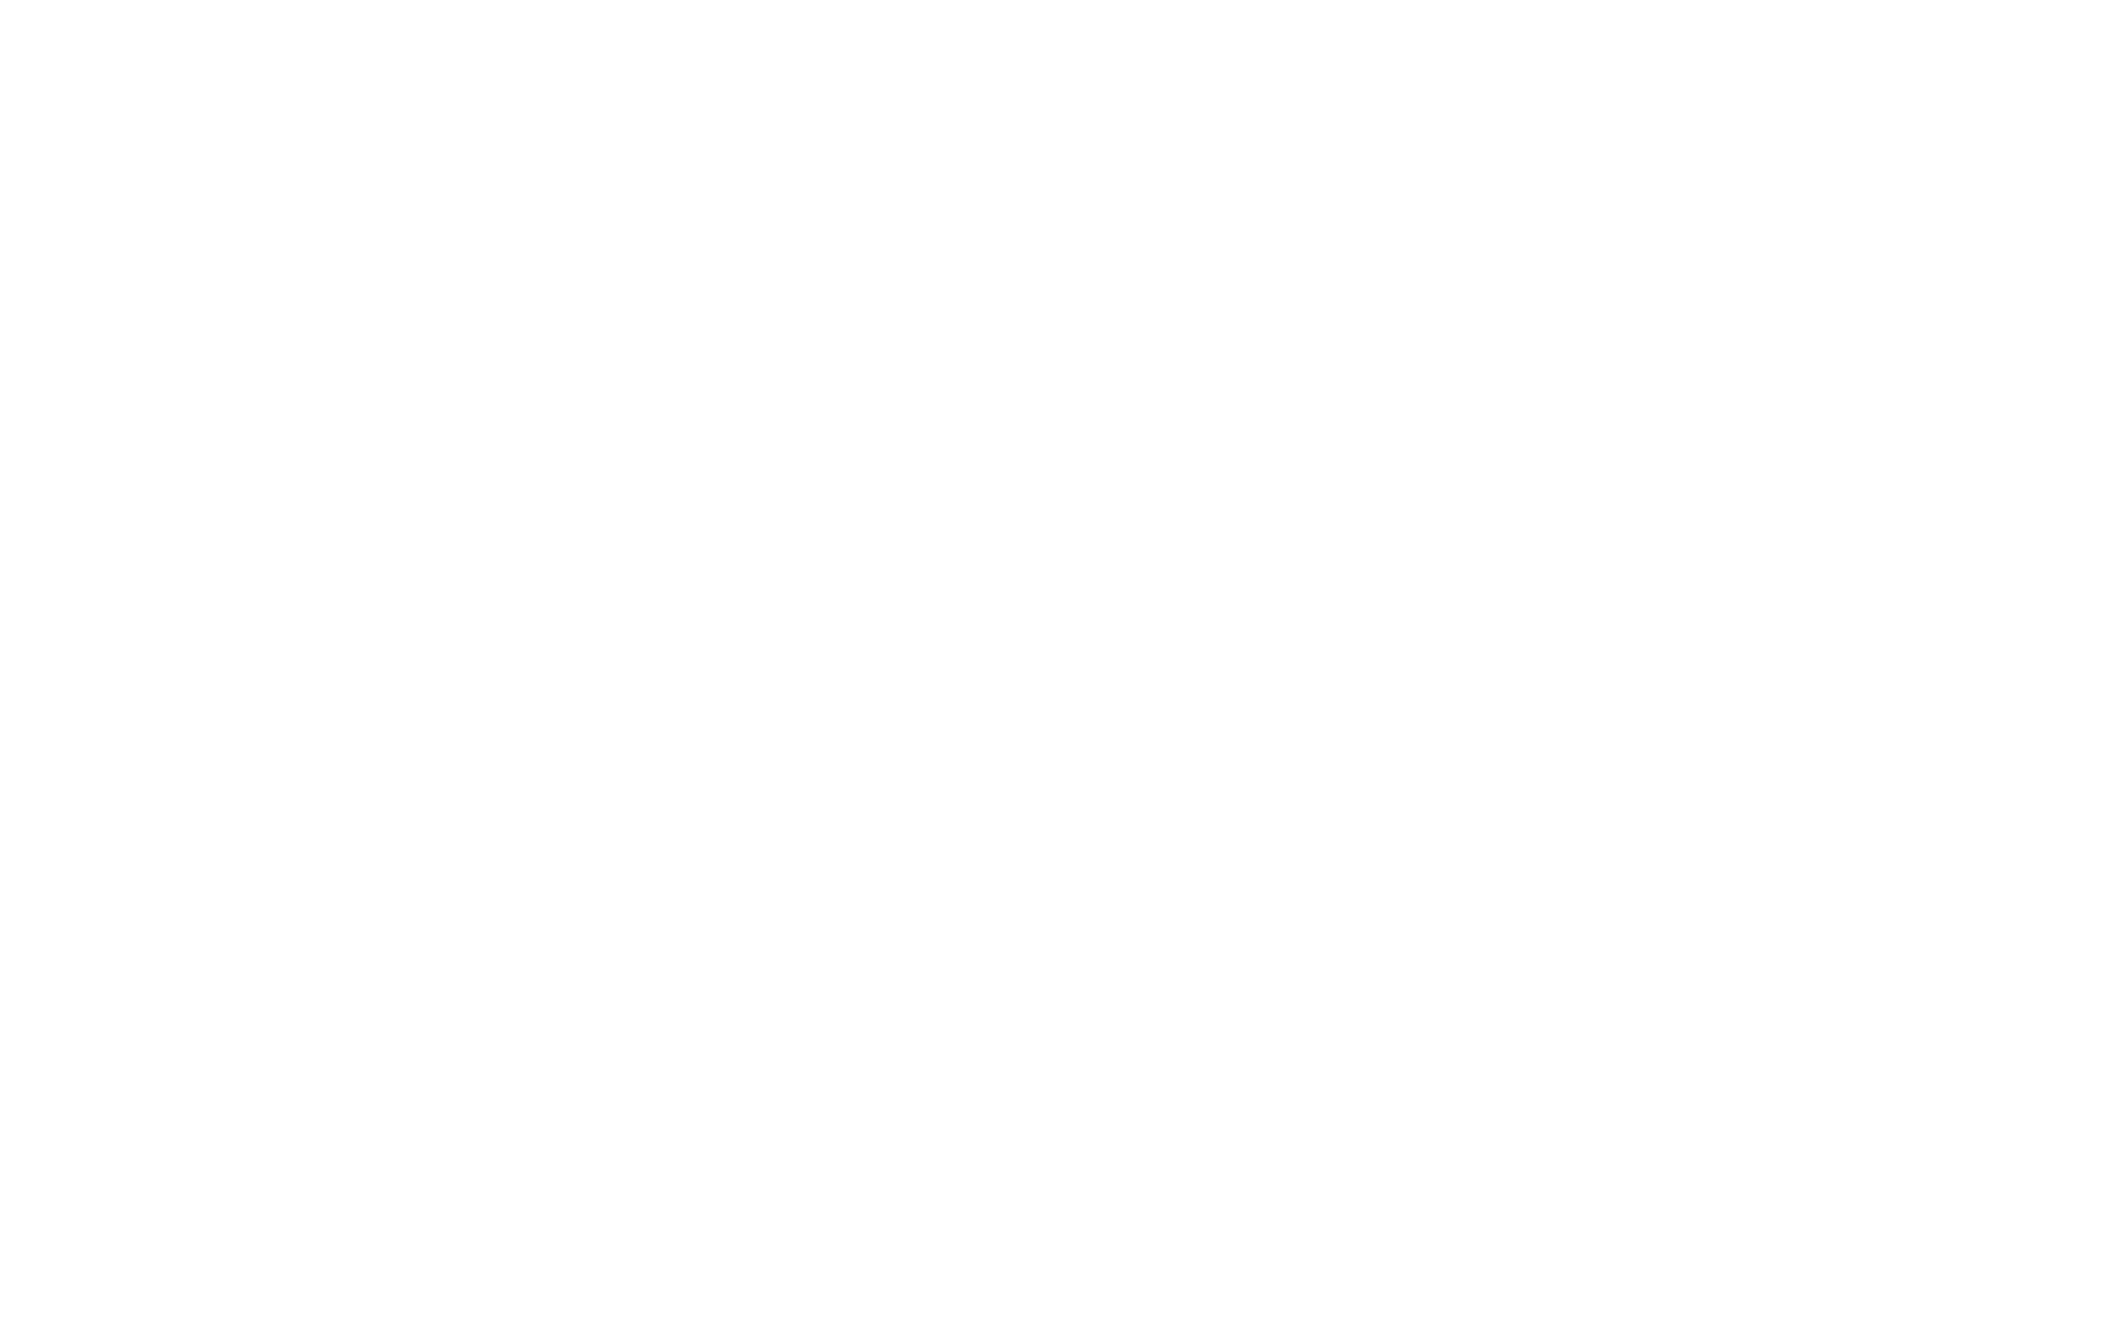 JBLZE_logo_vector_updated white.png